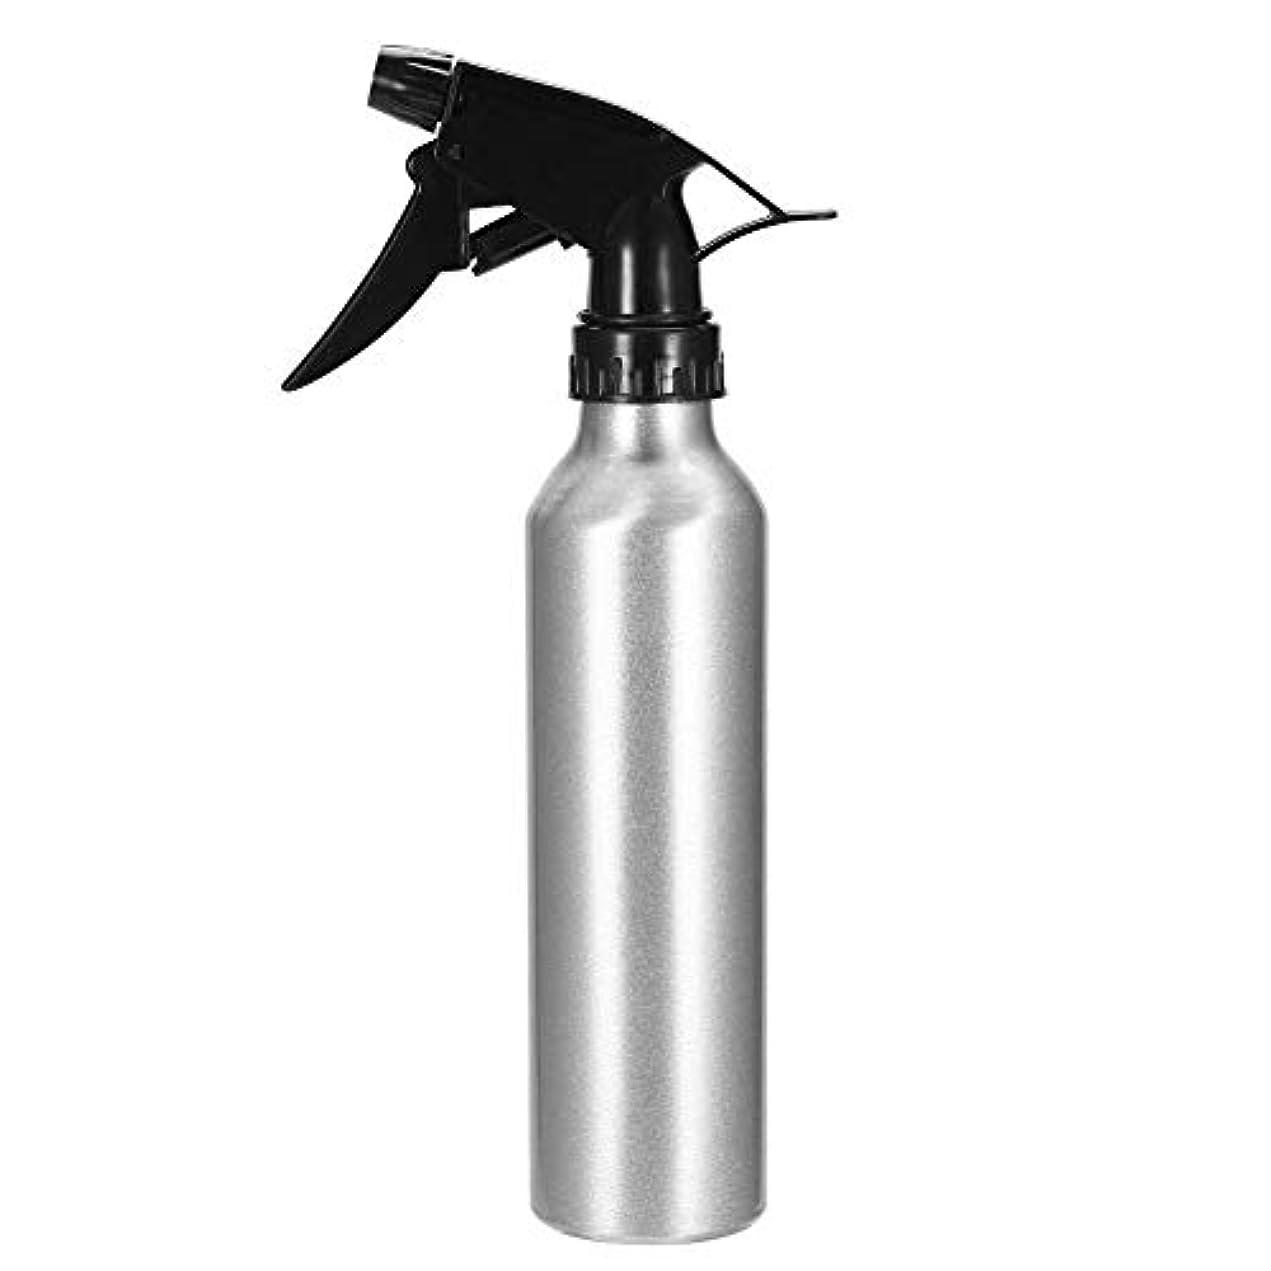 変わる無意味転用Pichidr-JP アルミスプレーボトルシルバートリガーエンプティタトゥーエッセンシャルオイルスプレー用サロン理容美容院植物クリーニング